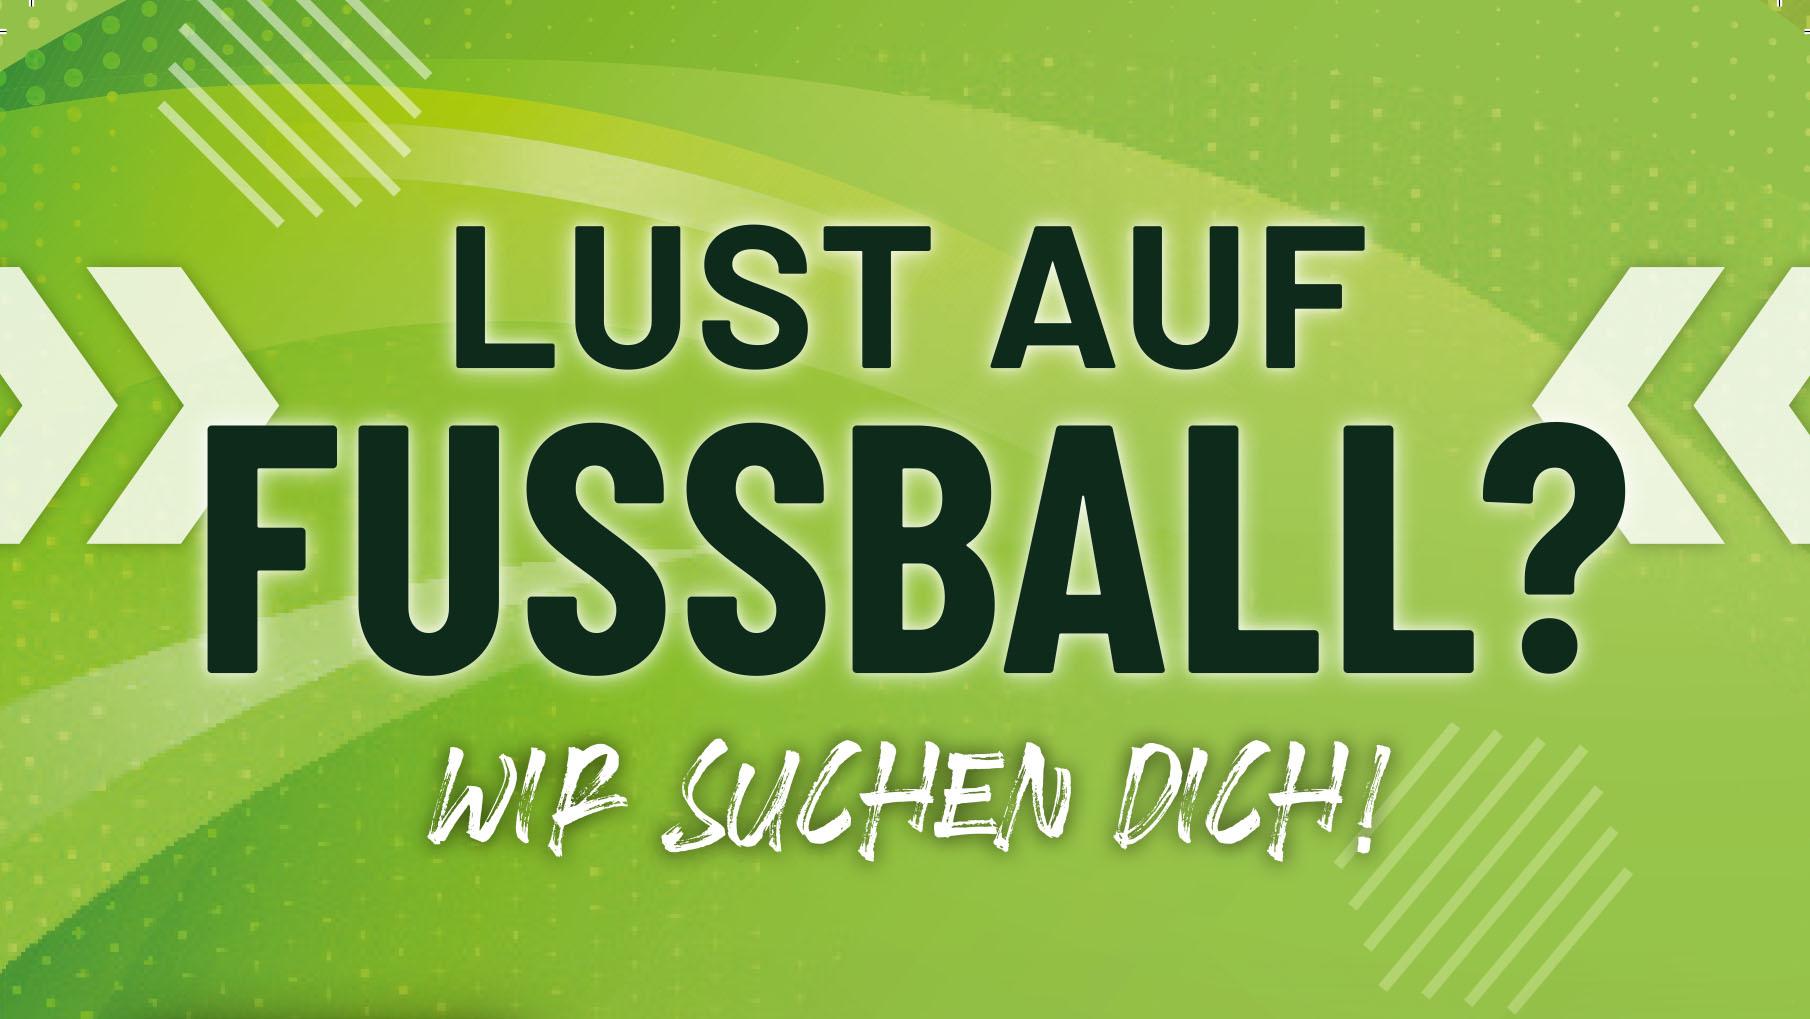 lustauffussball